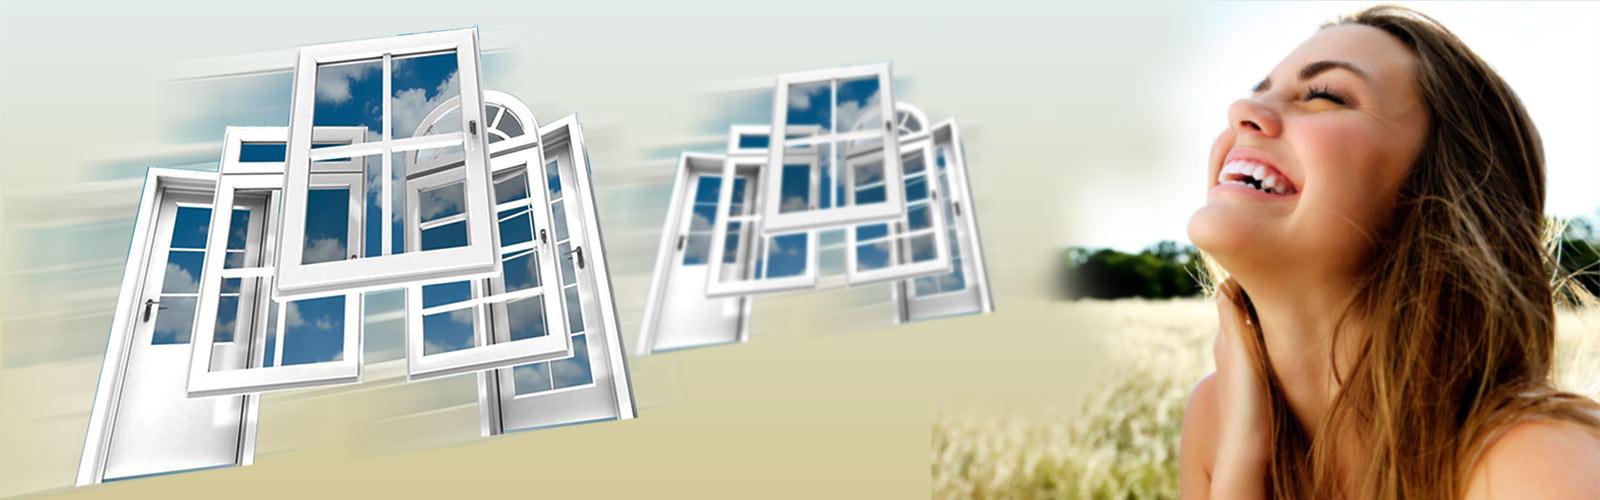 Full Size of Polnische Fenster Fensterhersteller Firma Polnischefenster 24 Polen Fensterbauer Suche Mit Montage Fensterwelten Erfahrungen Schüco Preise Rollos Für Fenster Polnische Fenster